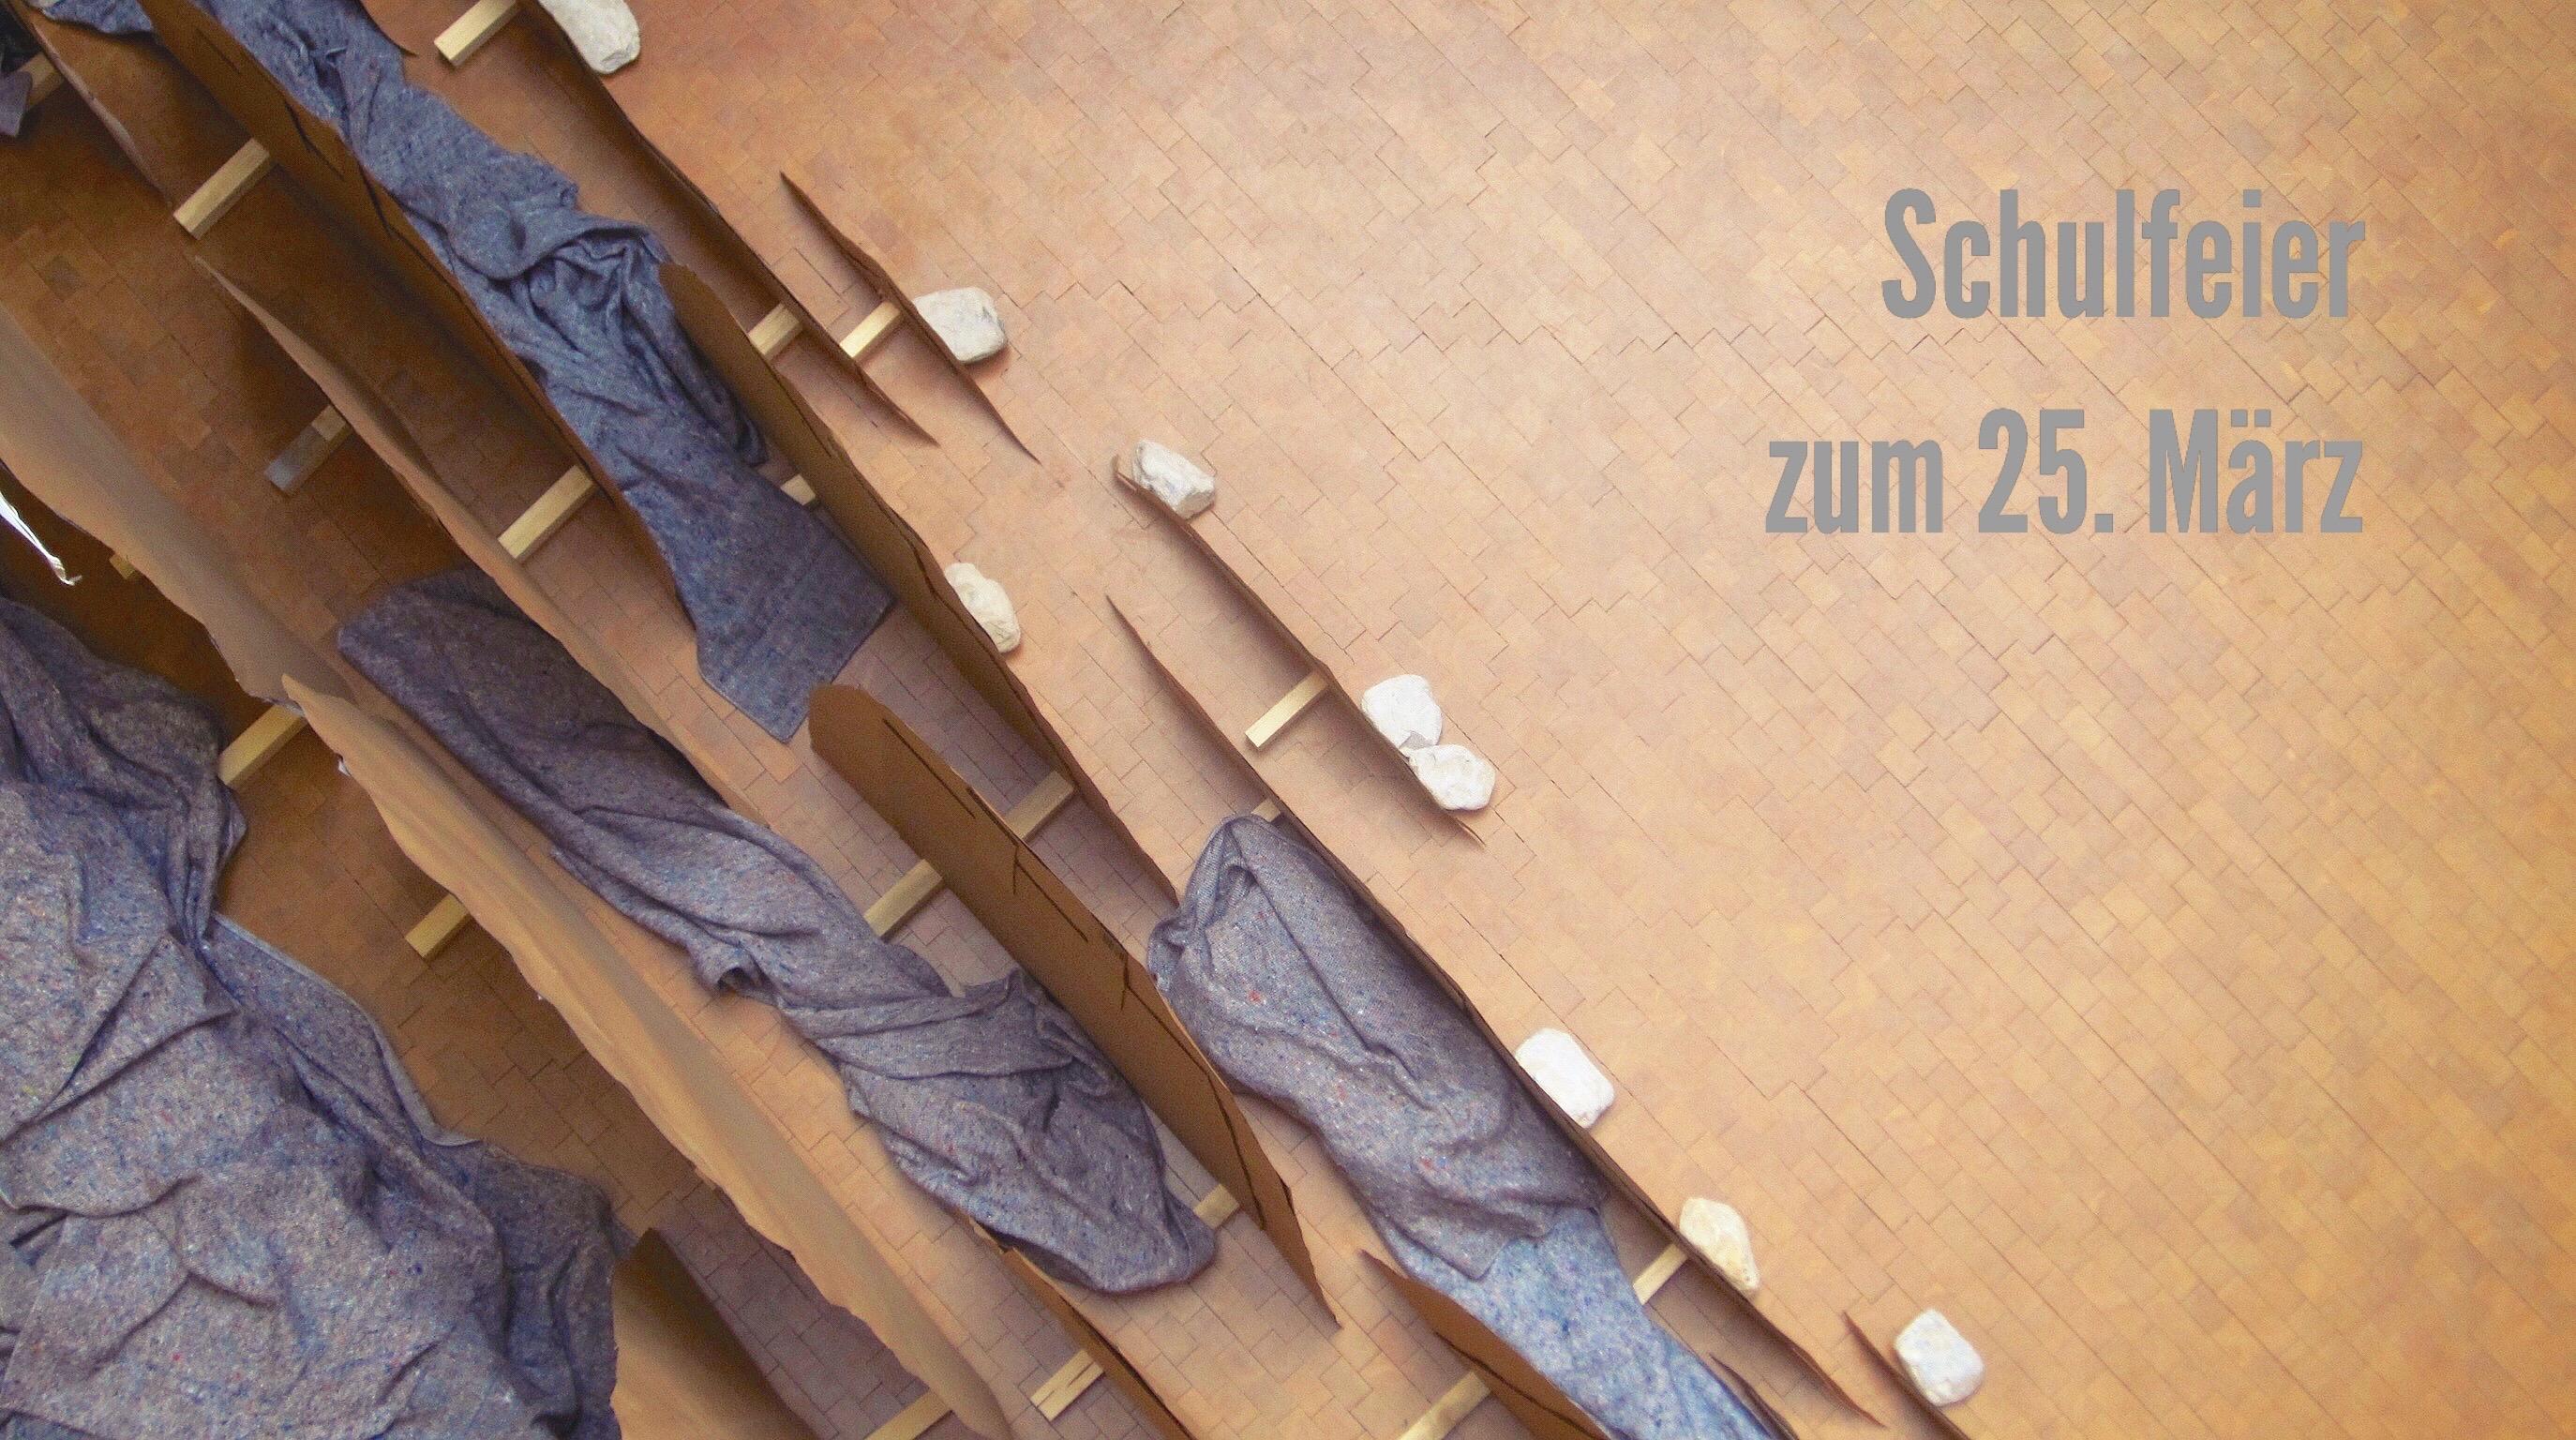 Schulfeier Zum 25.03.16